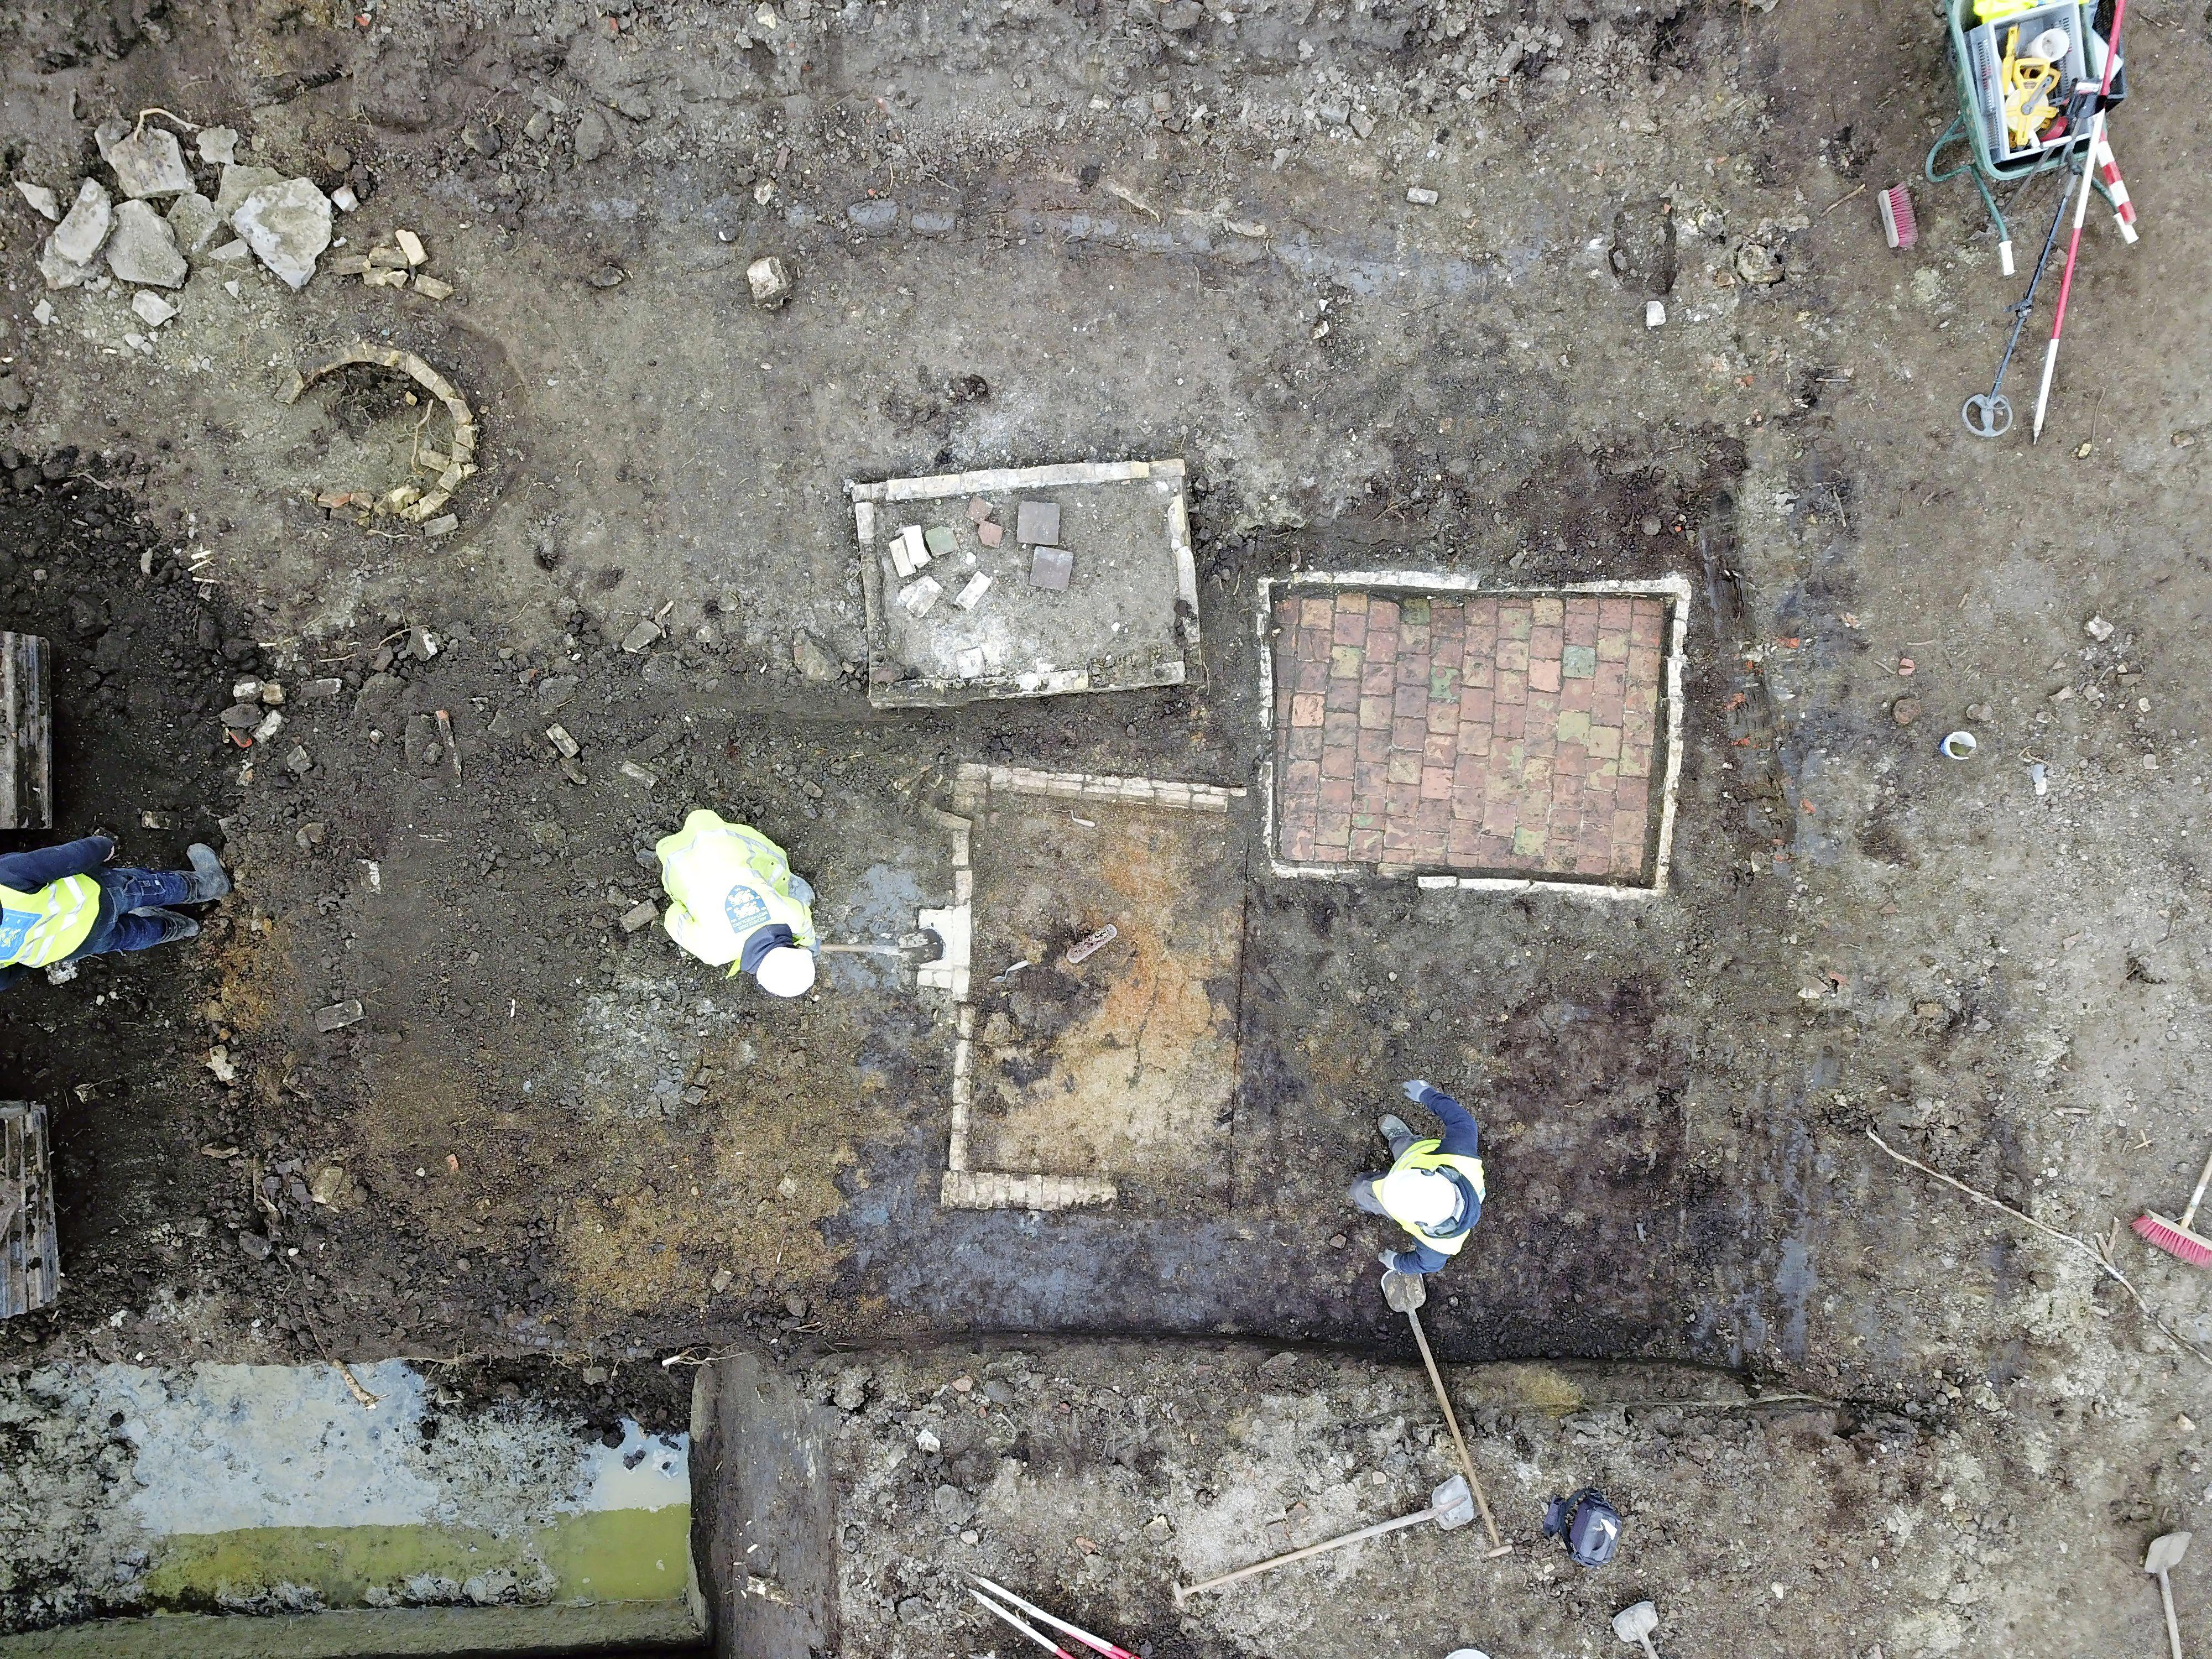 Archeologie West-Friesland legt gave terp bloot in lintbebouwing Bovenkarspel. 'We zoeken het verhaal van een plek'